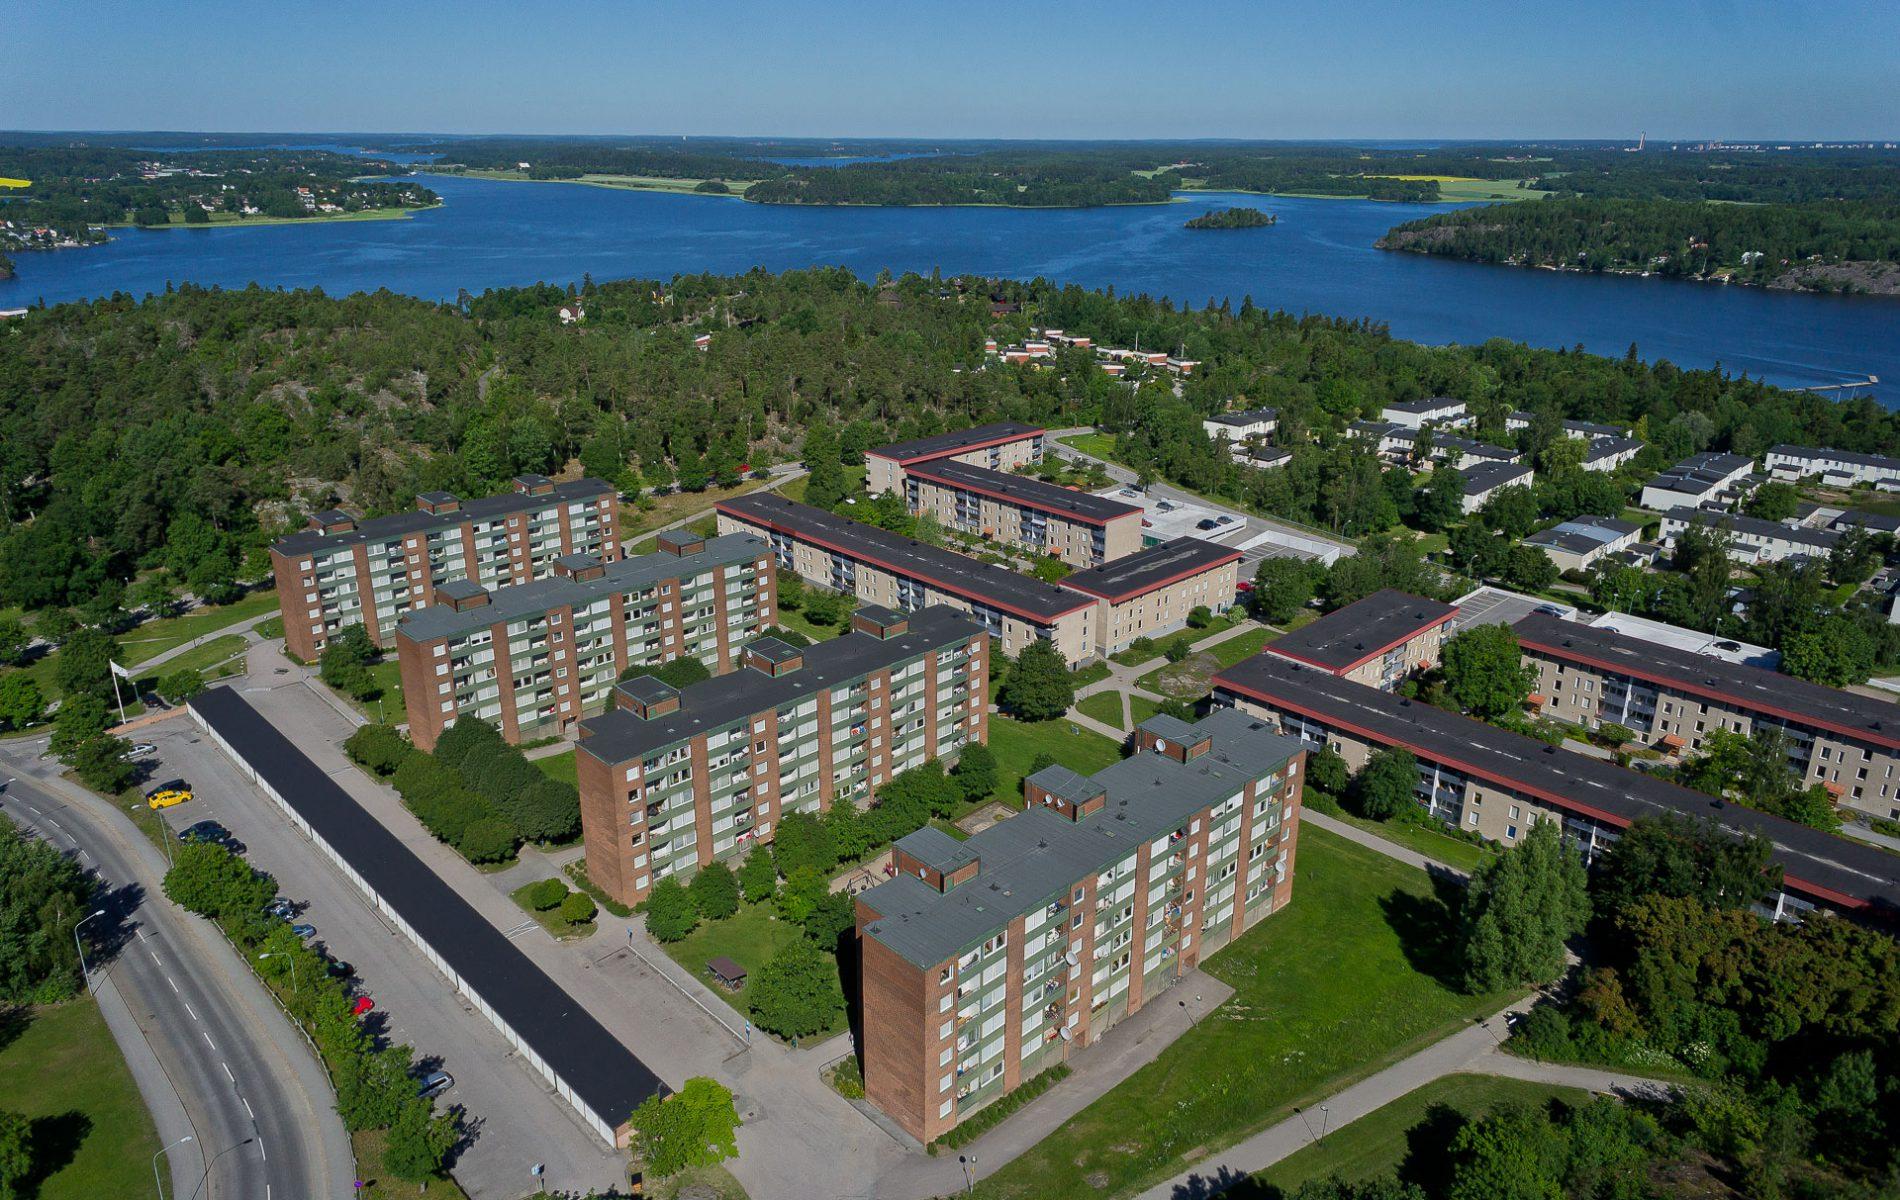 Flygbild av flerbostadshus i Vårberg, Stockholm